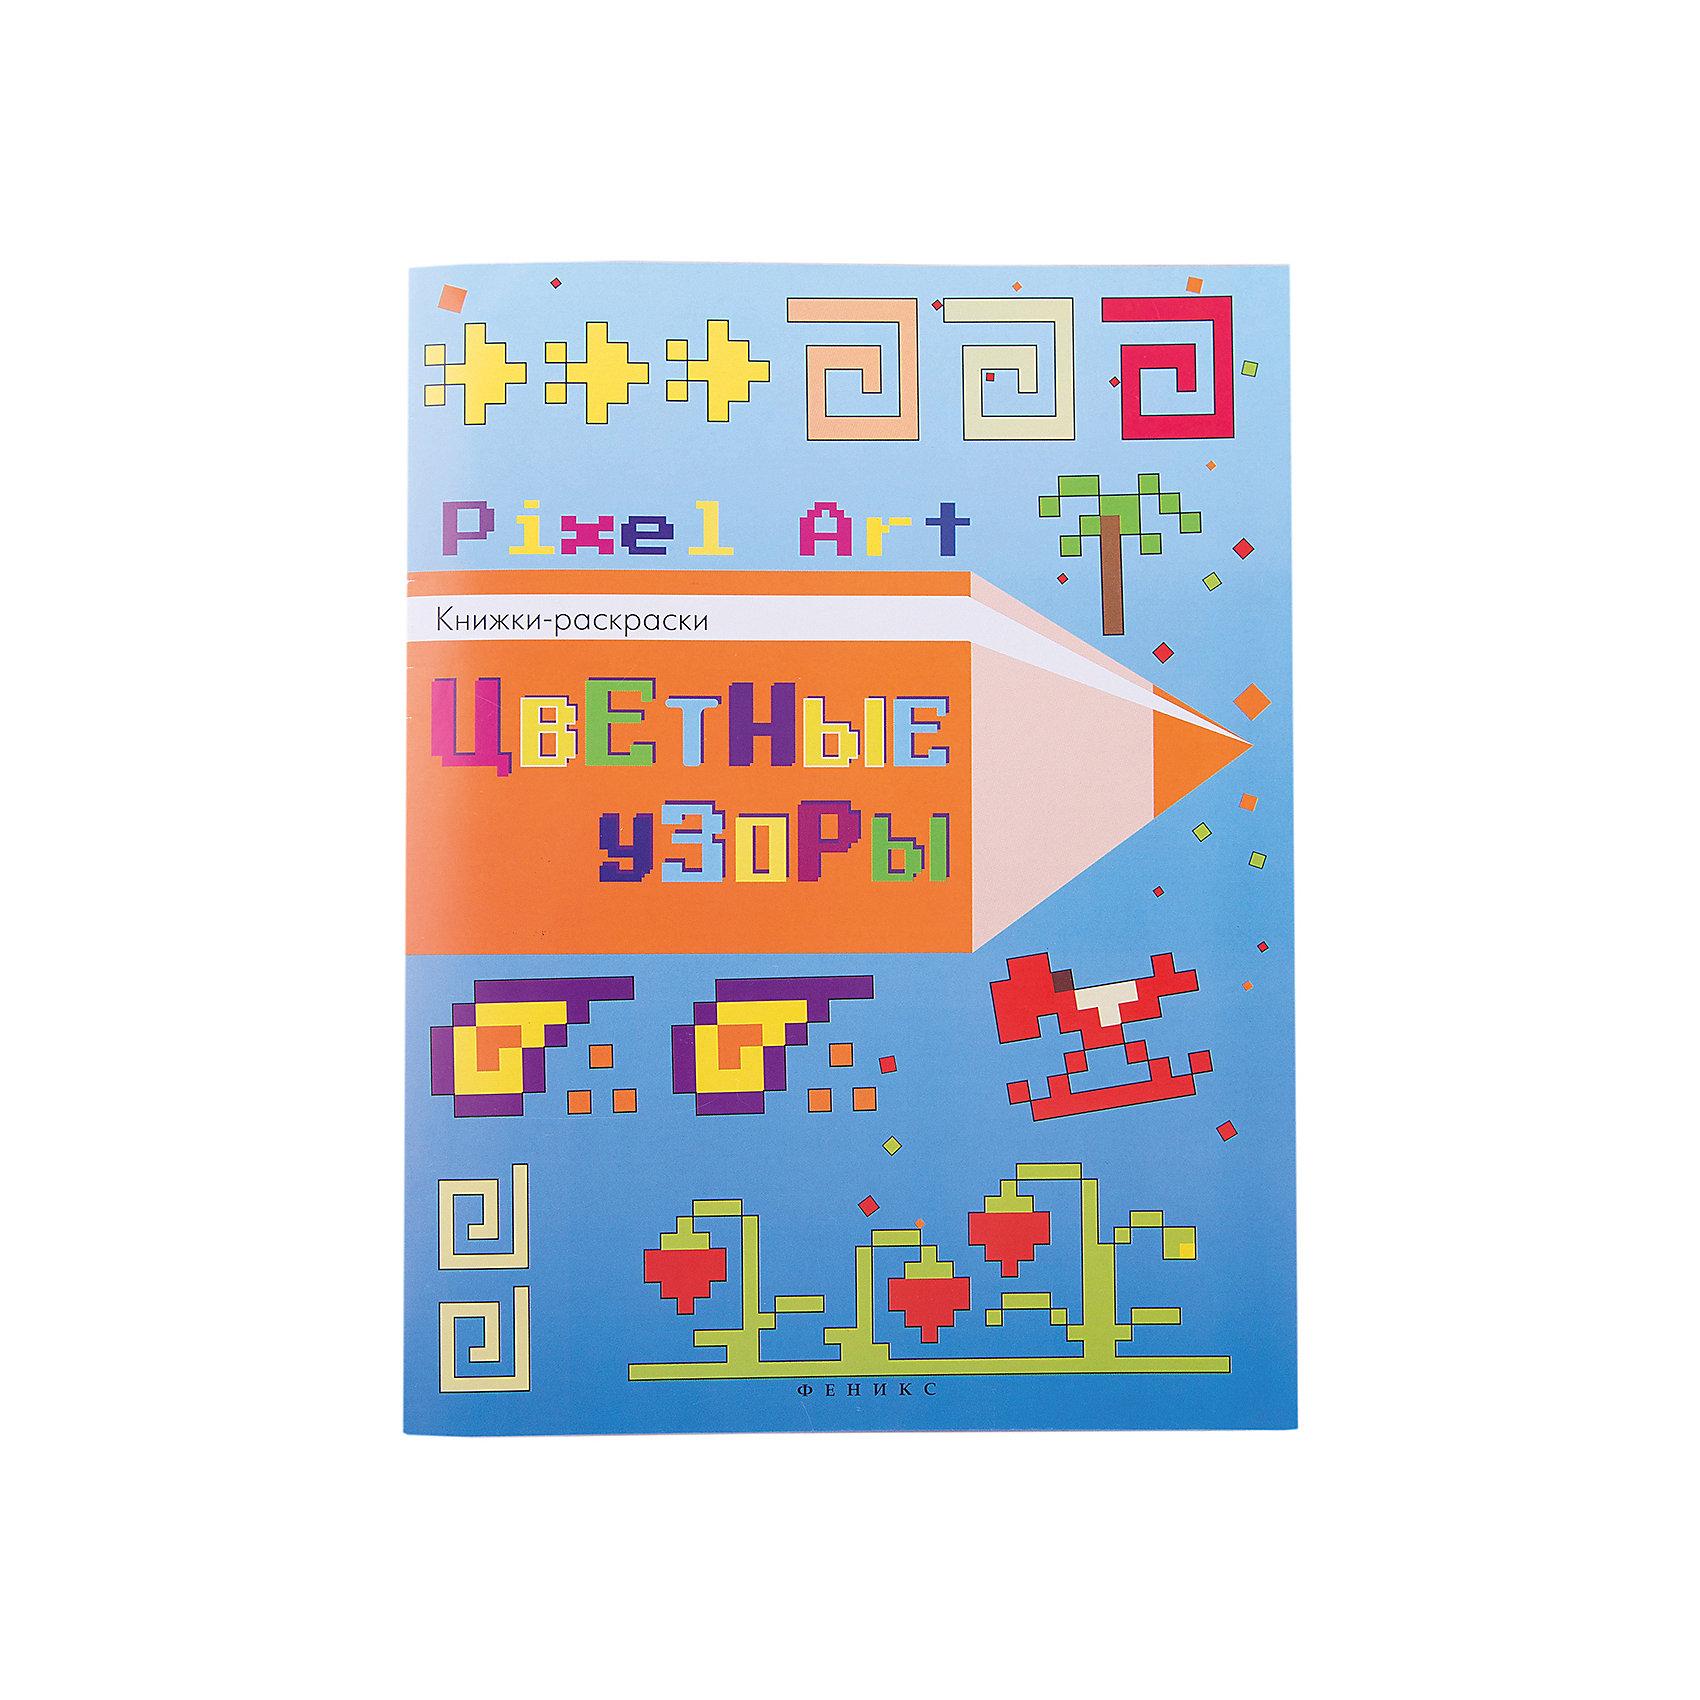 Цветные узоры: книжка-раскраскаЭта книга для творчества — необычная, по пикселям: рисунок получается, если раскрасить точно такие же клетки, как в образце. Задания сделаны по принципу от простого к сложному. Они отлично развивают пространственное мышление и дисциплинируют. Раскрашиван<br><br>Ширина мм: 260<br>Глубина мм: 3<br>Высота мм: 199<br>Вес г: 100<br>Возраст от месяцев: 12<br>Возраст до месяцев: 60<br>Пол: Унисекс<br>Возраст: Детский<br>SKU: 5120152